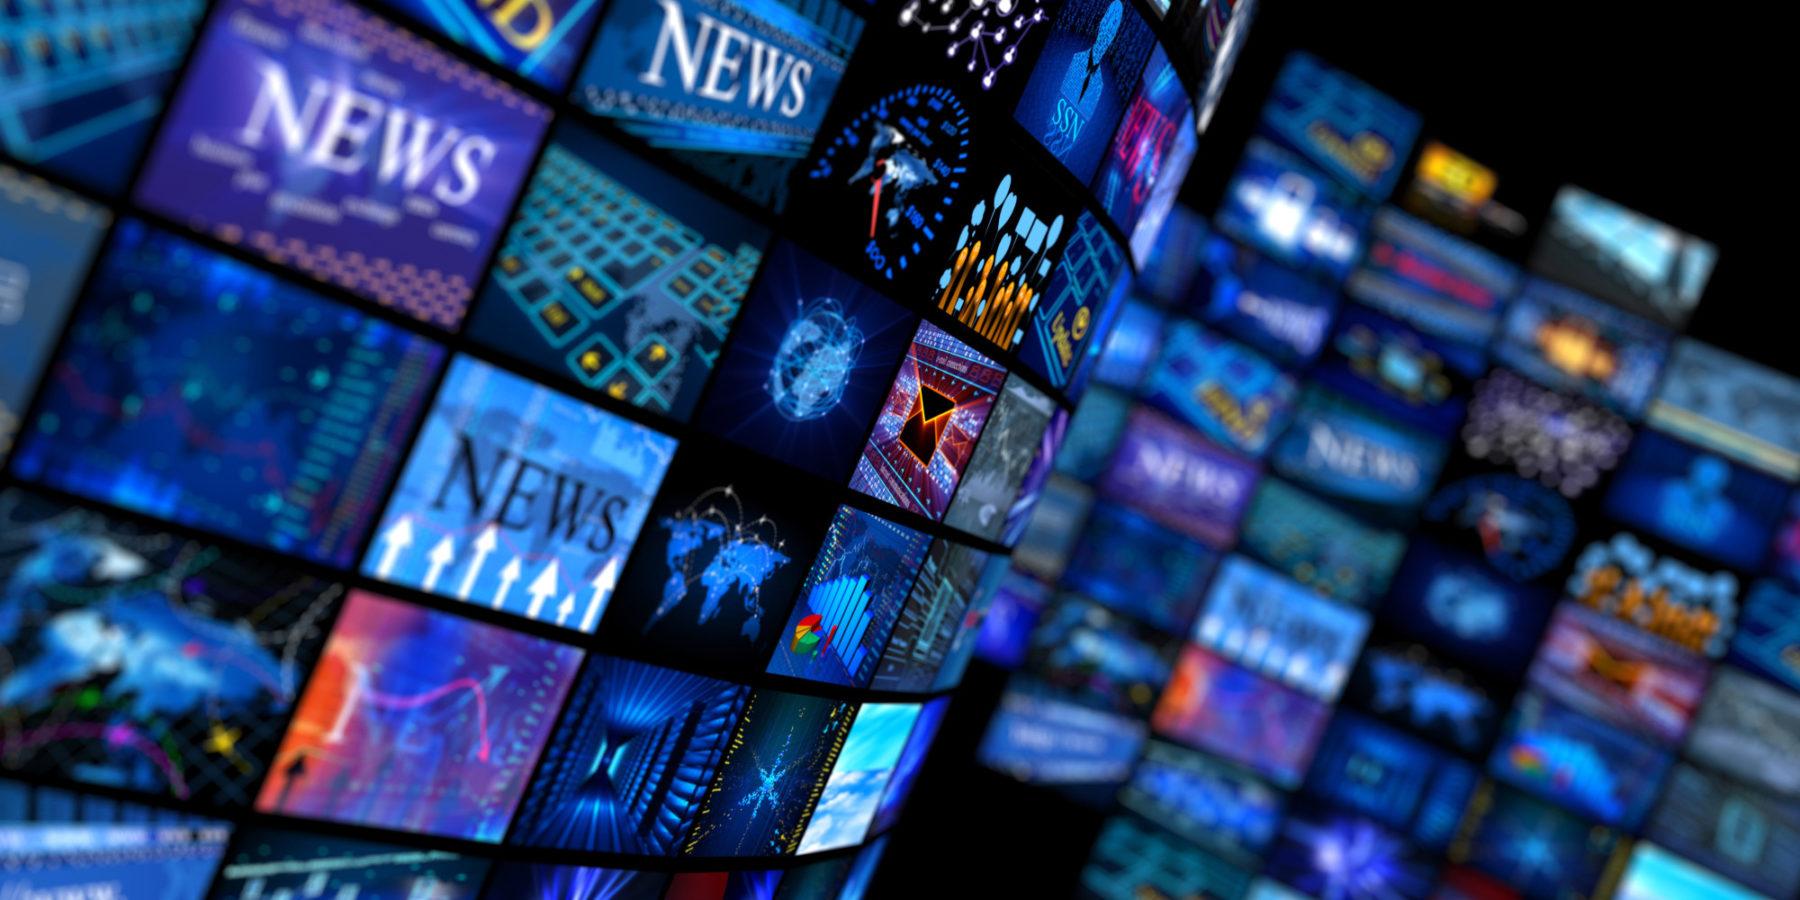 Ο μιντιάκιας: όλη η αλήθεια για την πιθανή πώληση του Open, η μυστική έρευνα για πασίγνωστους παρουσιαστές και η πίστωση στη Μαλέσκου